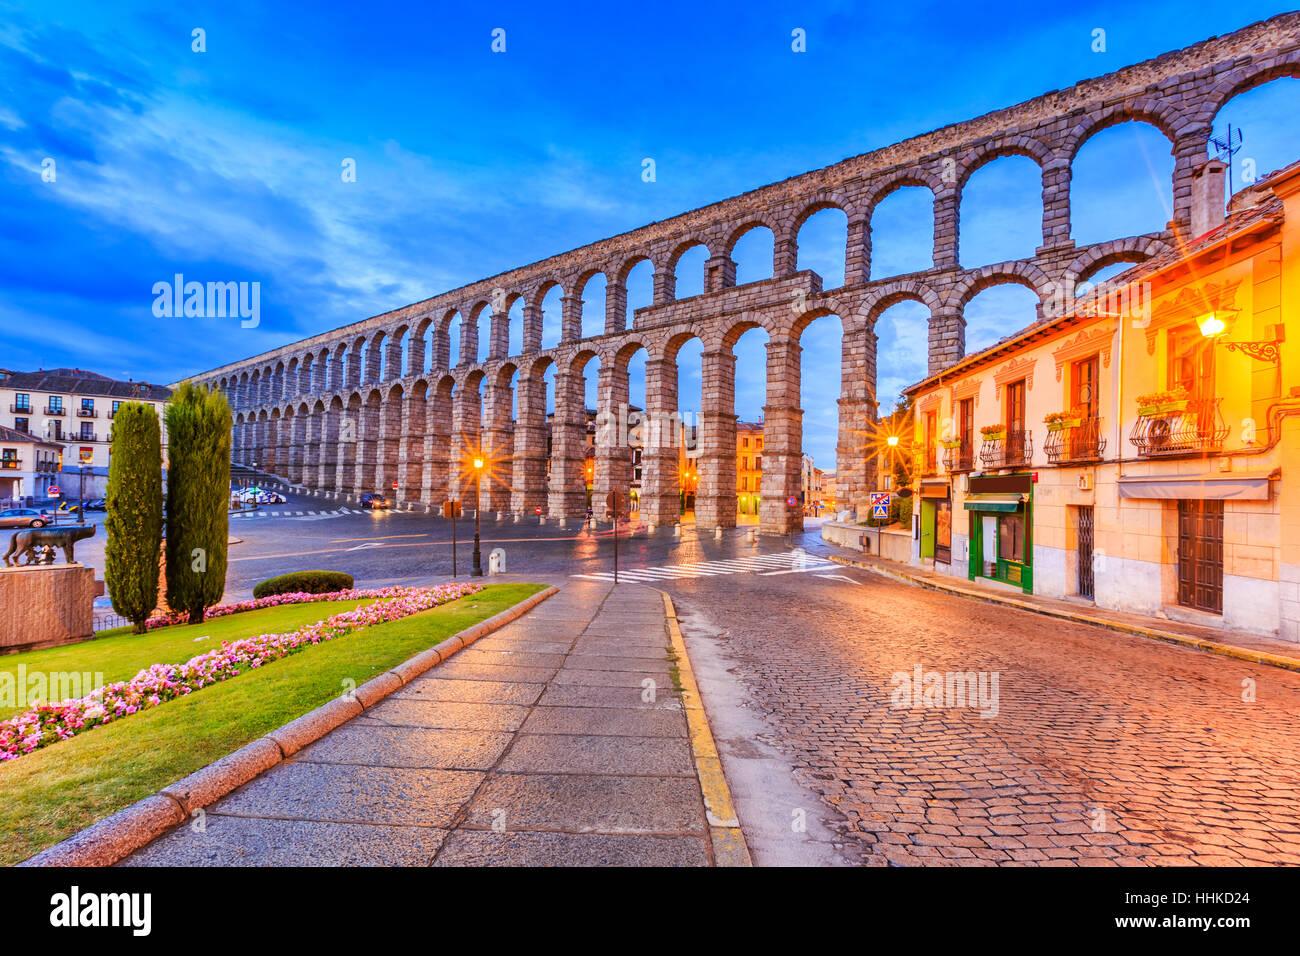 Segovia, Spanien. Plaza del Azoguejo und der antiken römischen Aquädukt. Stockbild